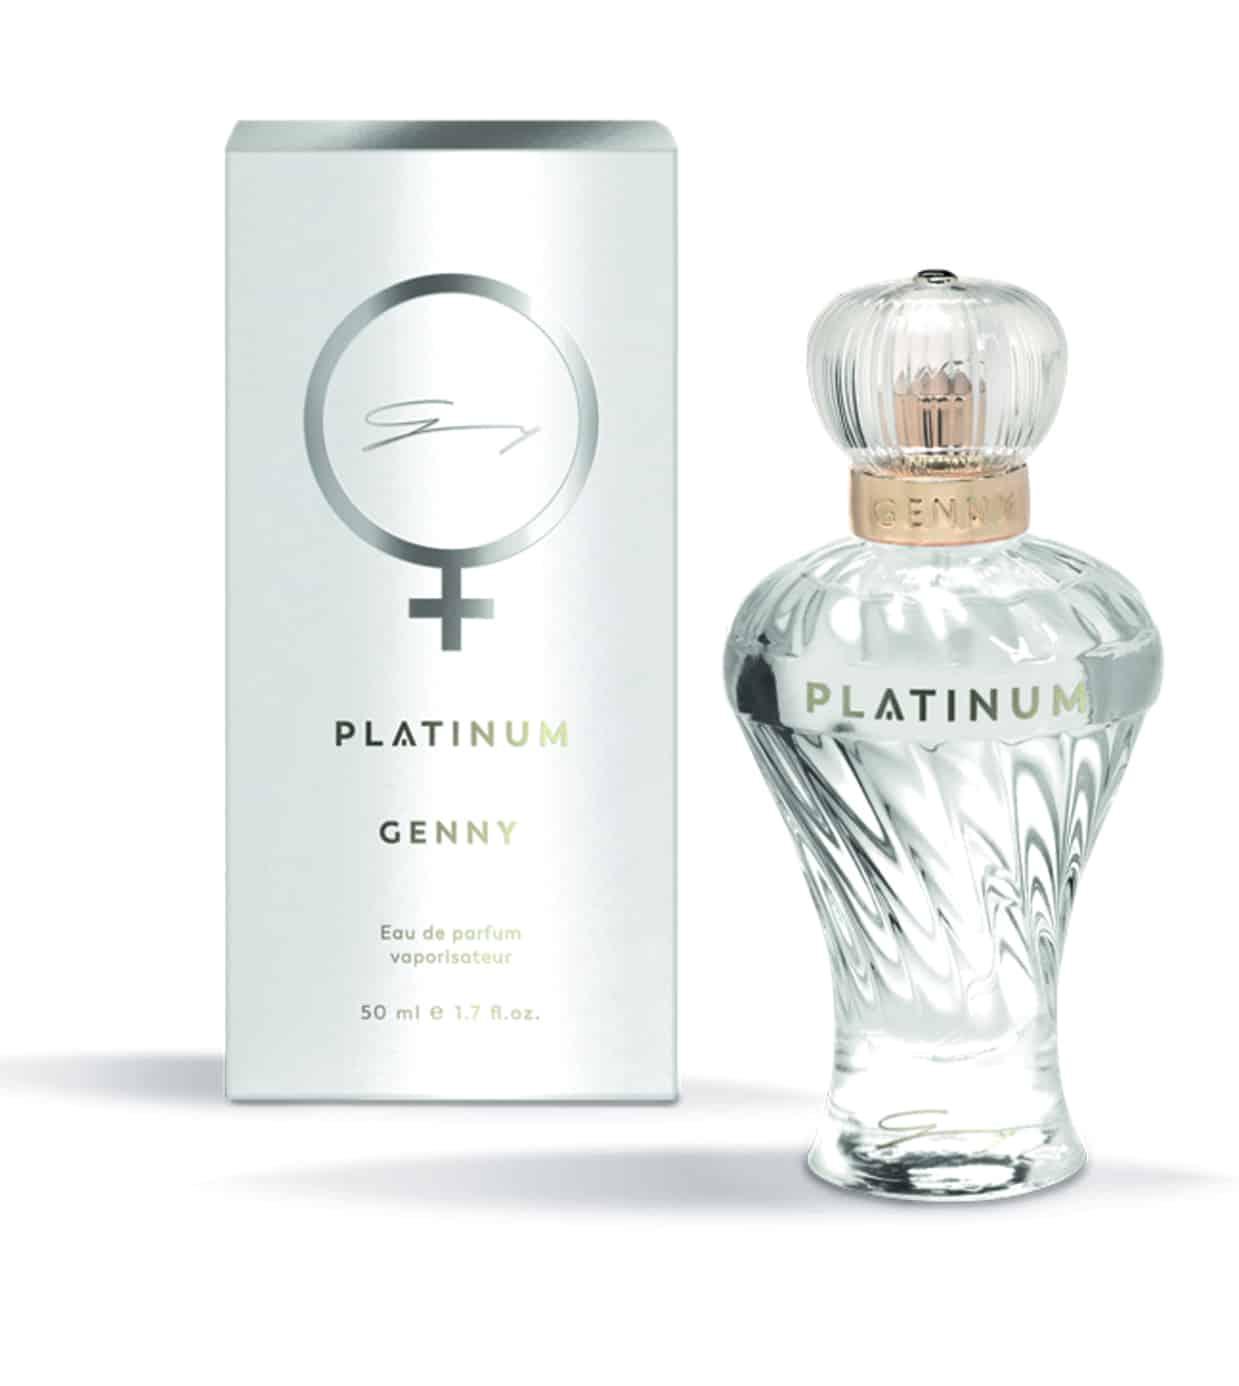 Genny Platinum, il profumo esclusivo per la donna contemporanea